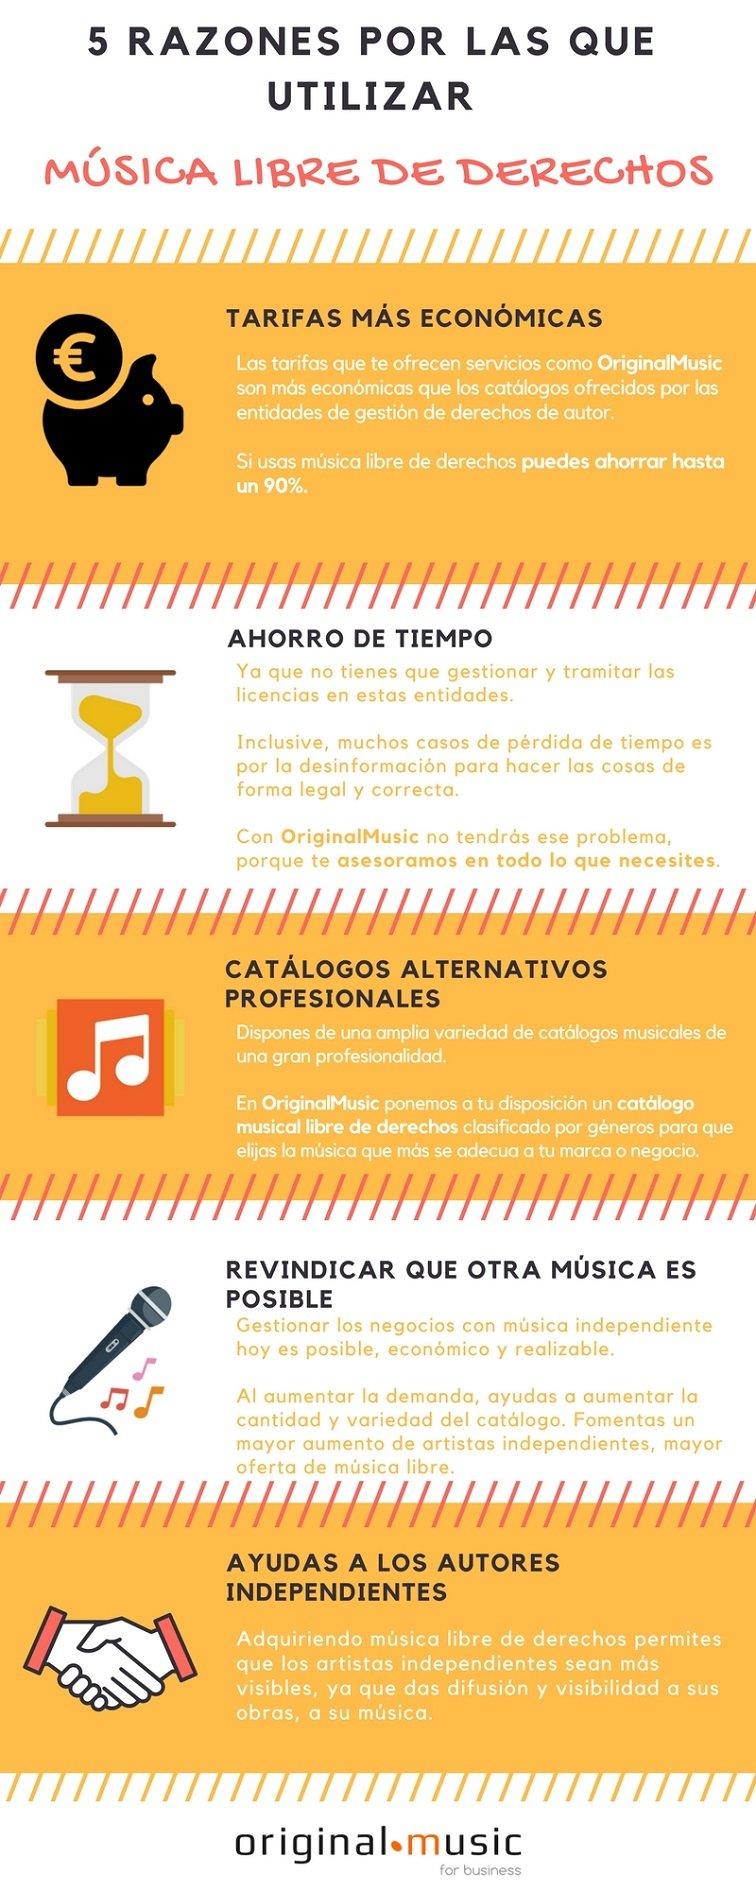 Infografía con las 5 razones por las que utilizar música libre de derechos